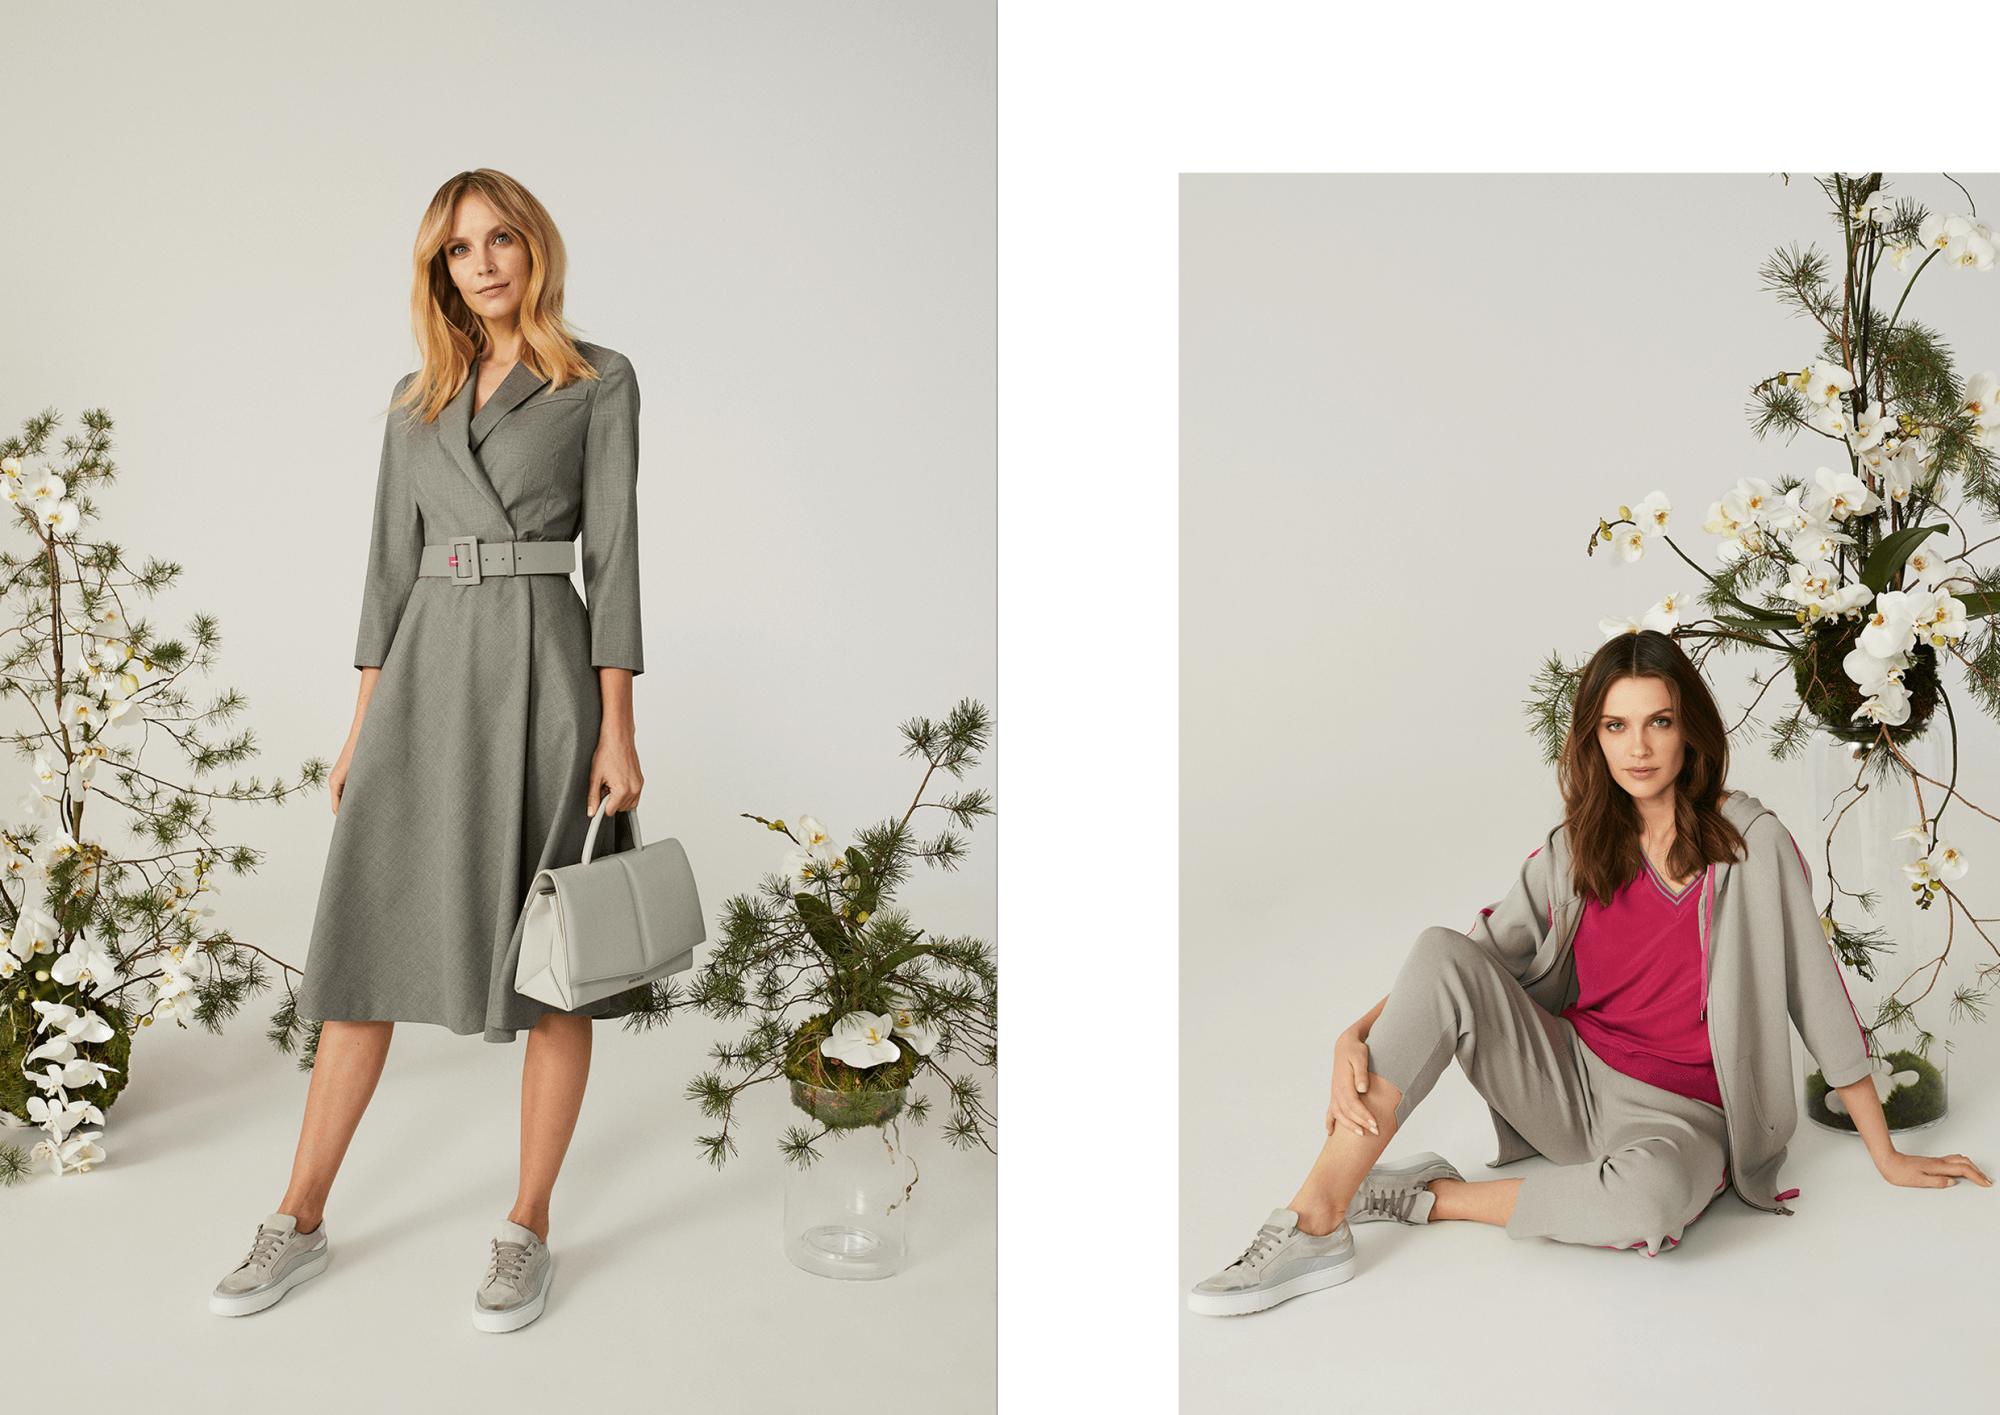 Sukienki na wiosnę i lato 2021 szare propozycje